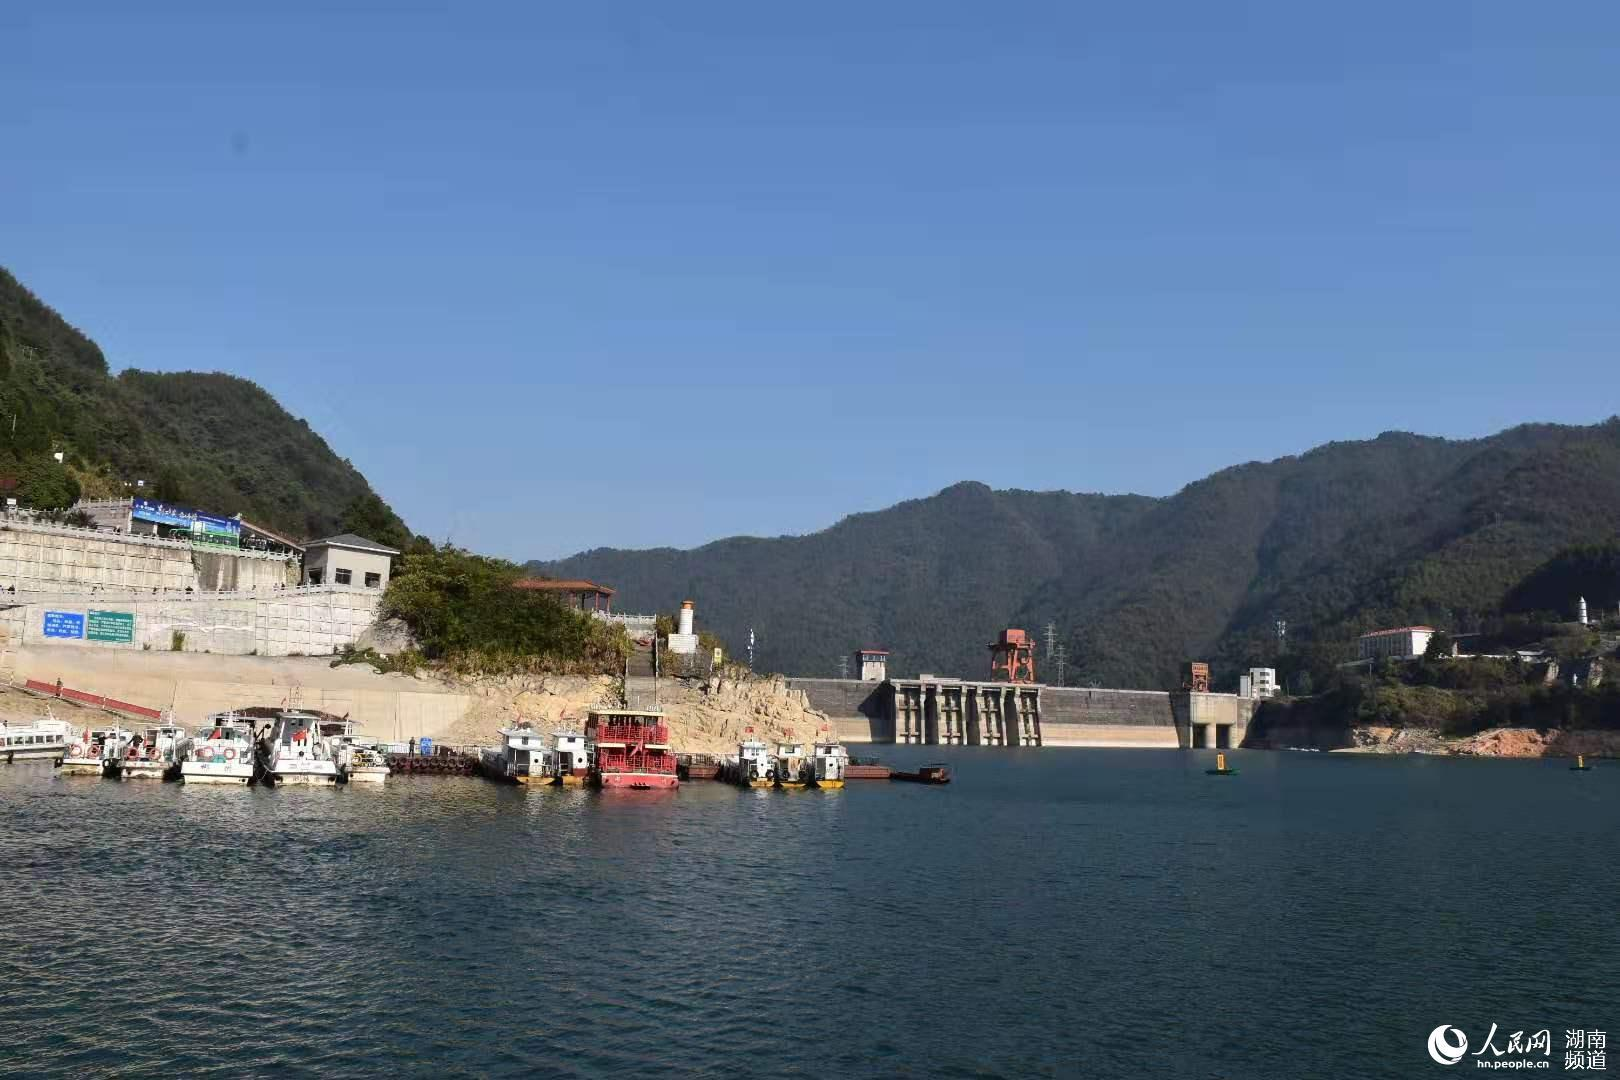 世界内河首艘纯LNG燃料动力客船开启东江湖首航